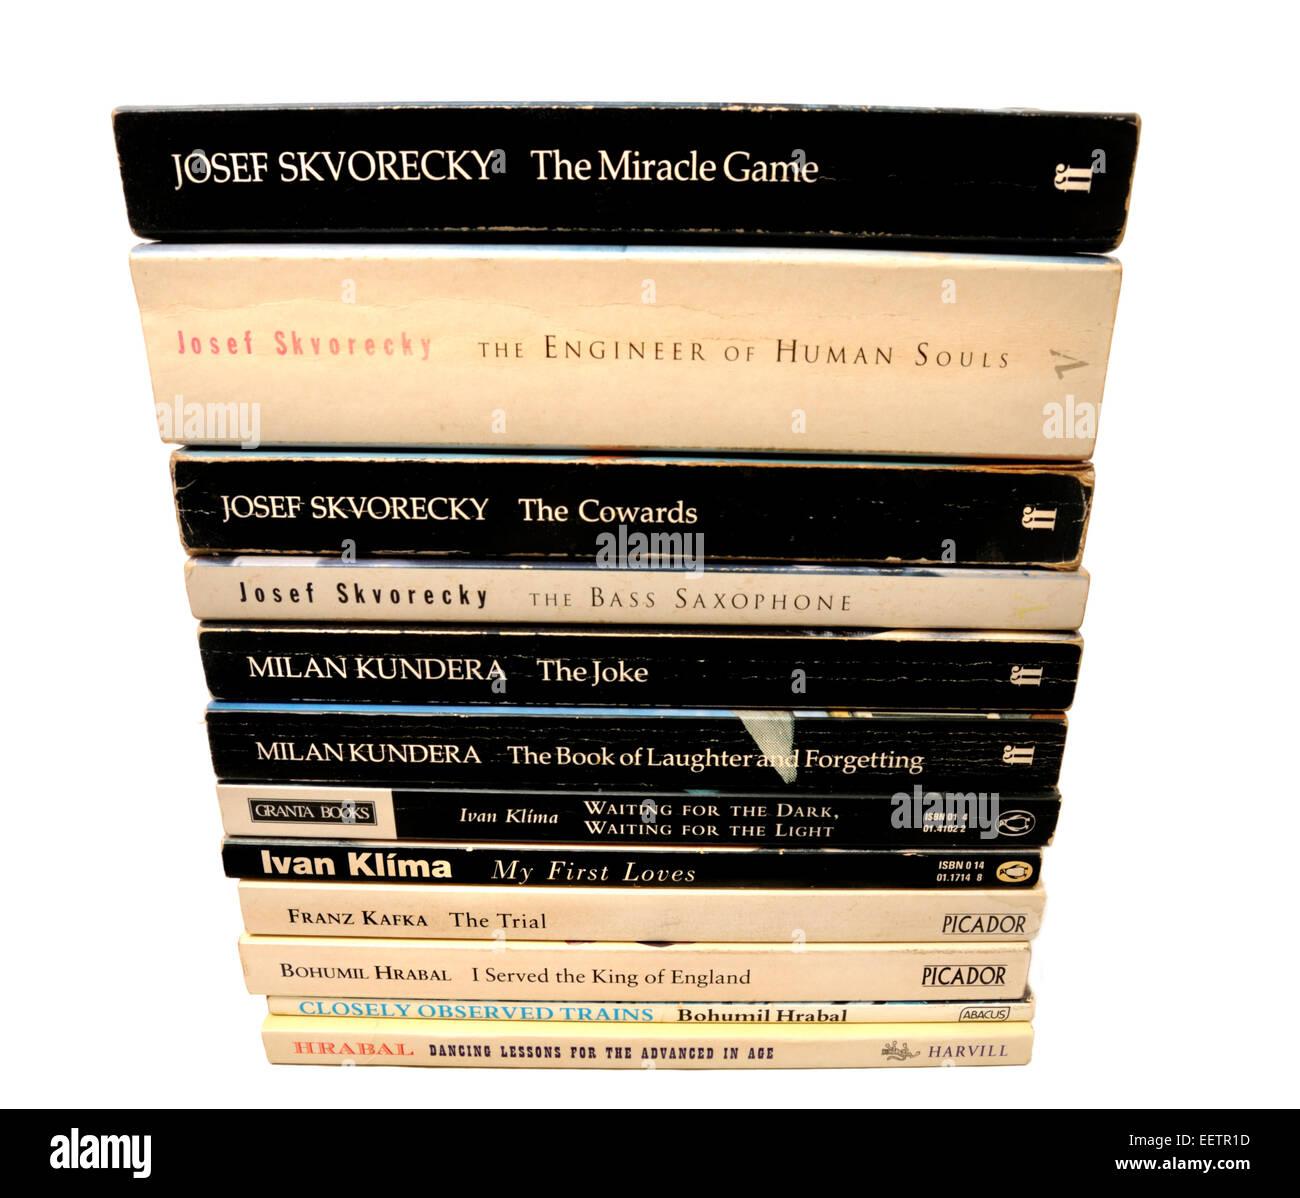 Paperback books by Czech authors: Skvorecky; Kundera; Klima; Kafka; Hrabal - Stock Image